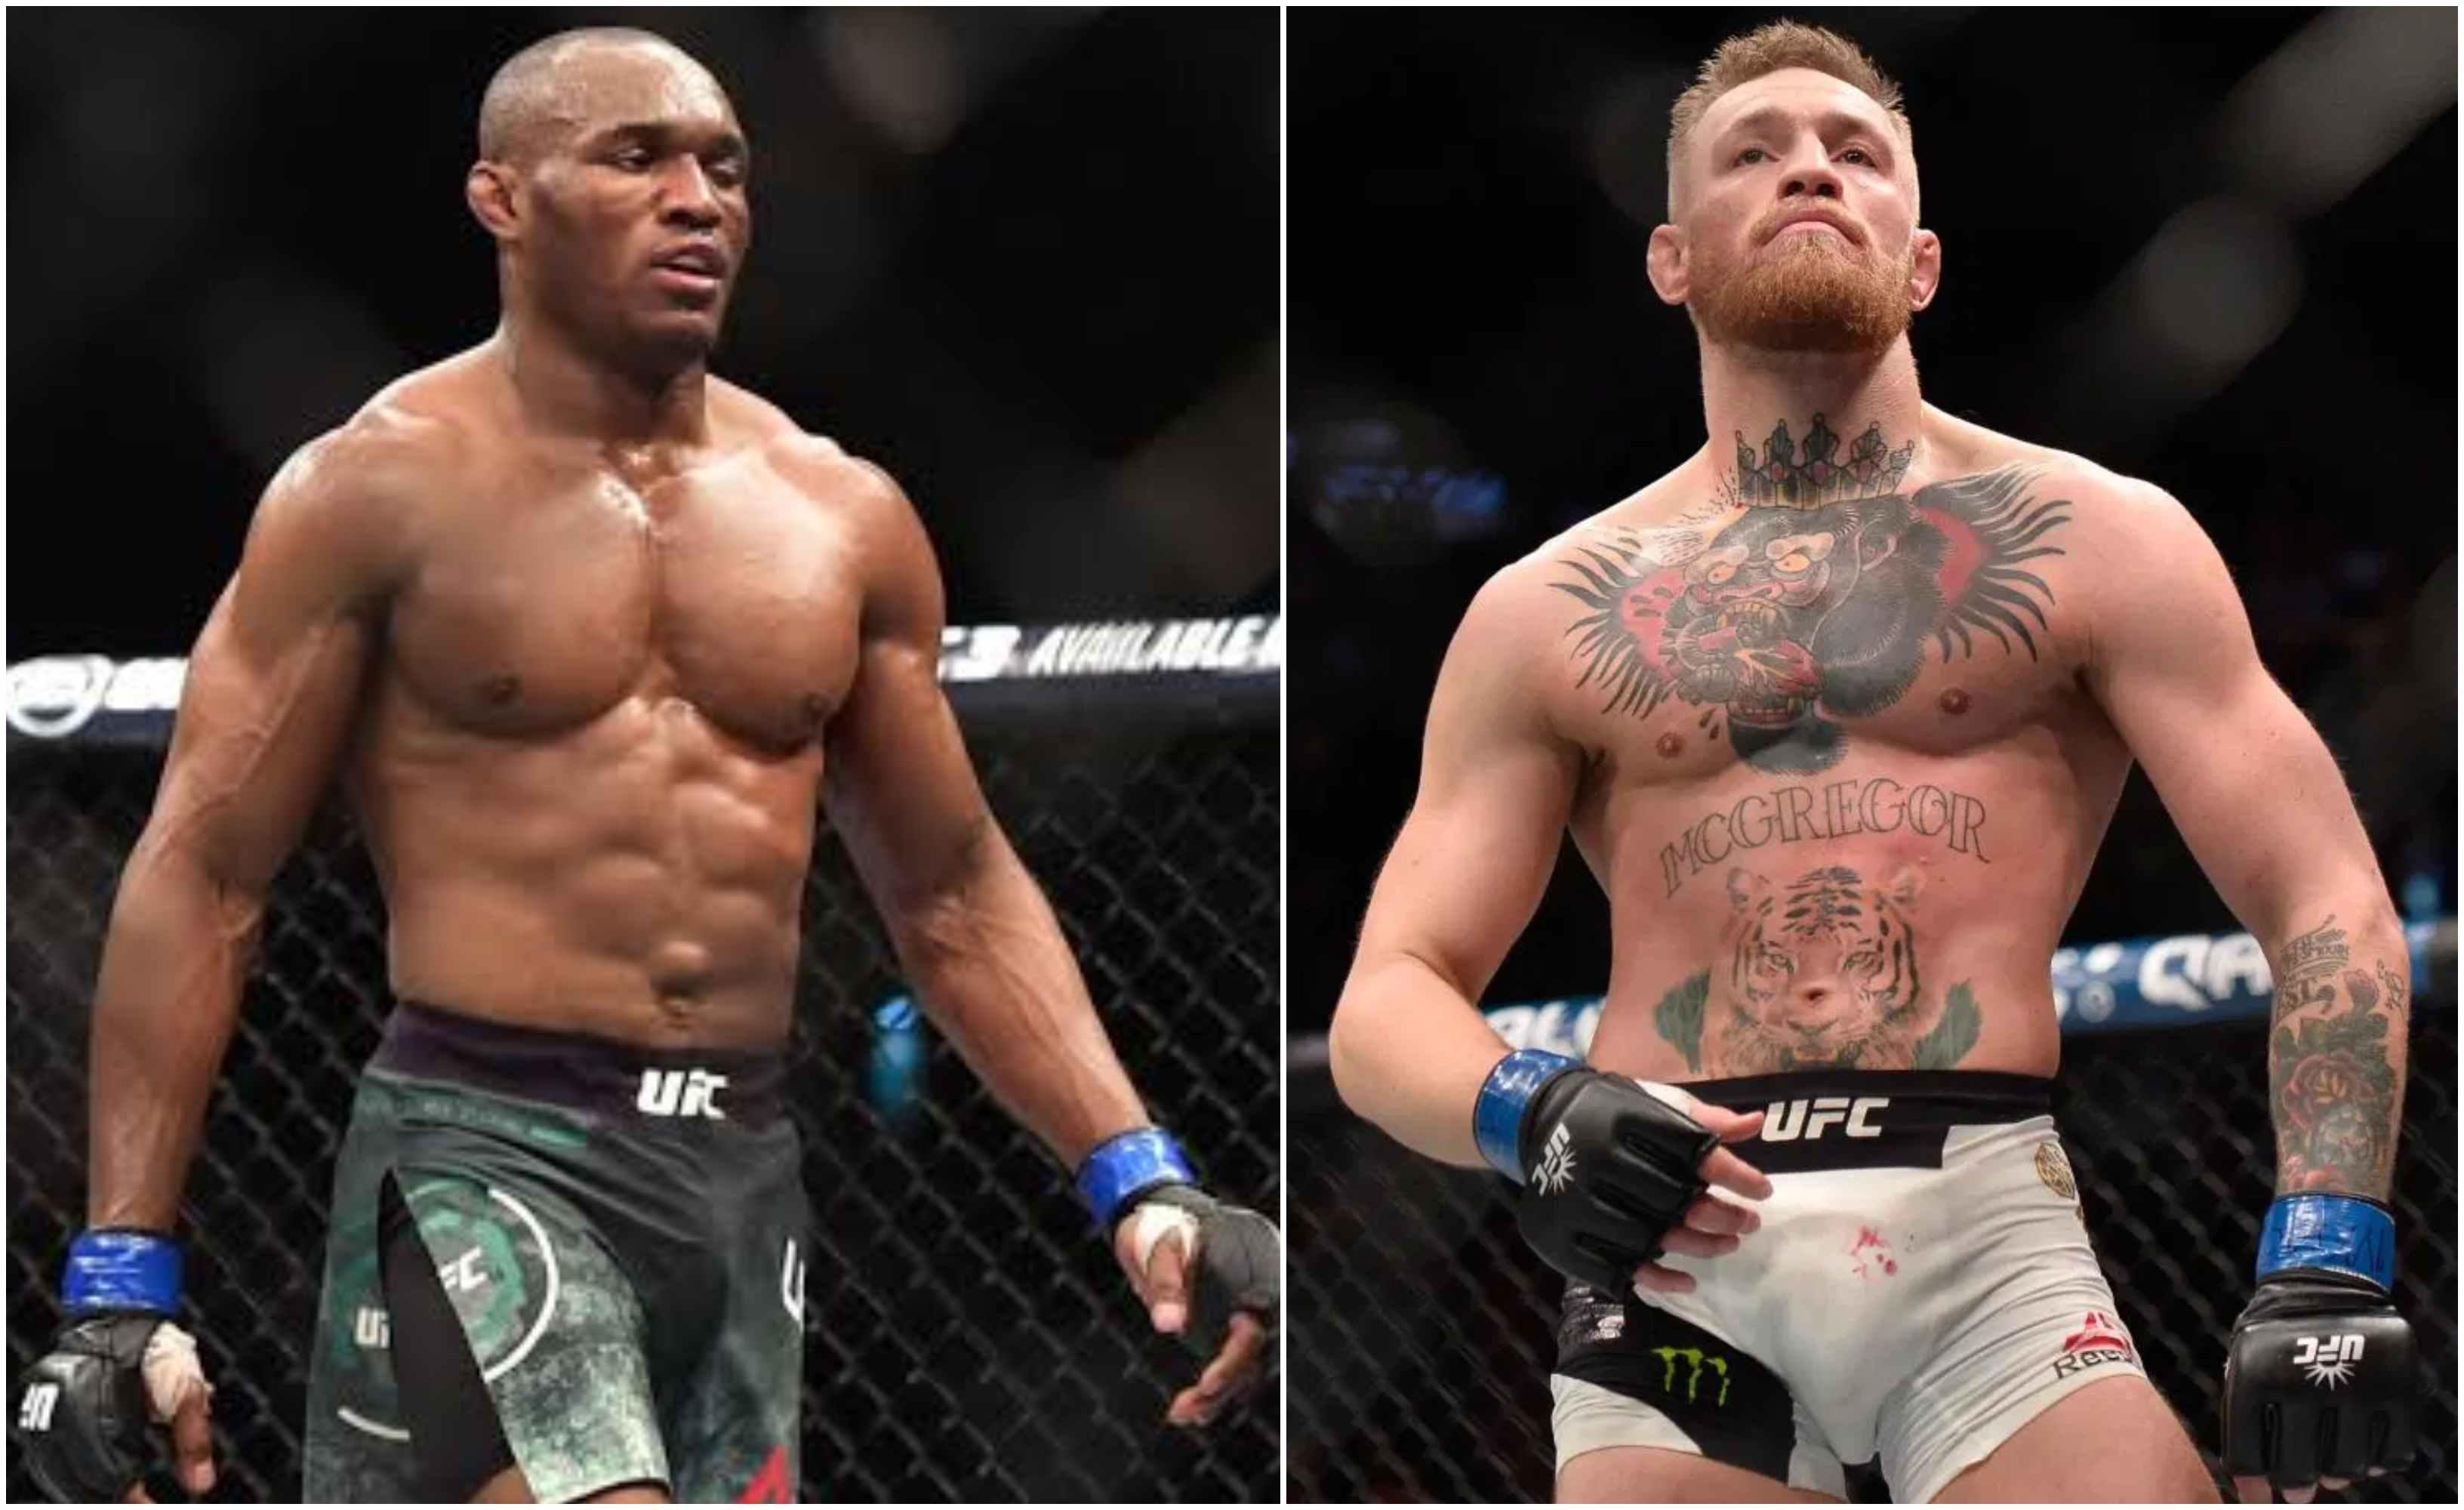 Kamaru Usman responds to McGregor's 170 title aspirations: 'Sit down little man' - McGregor